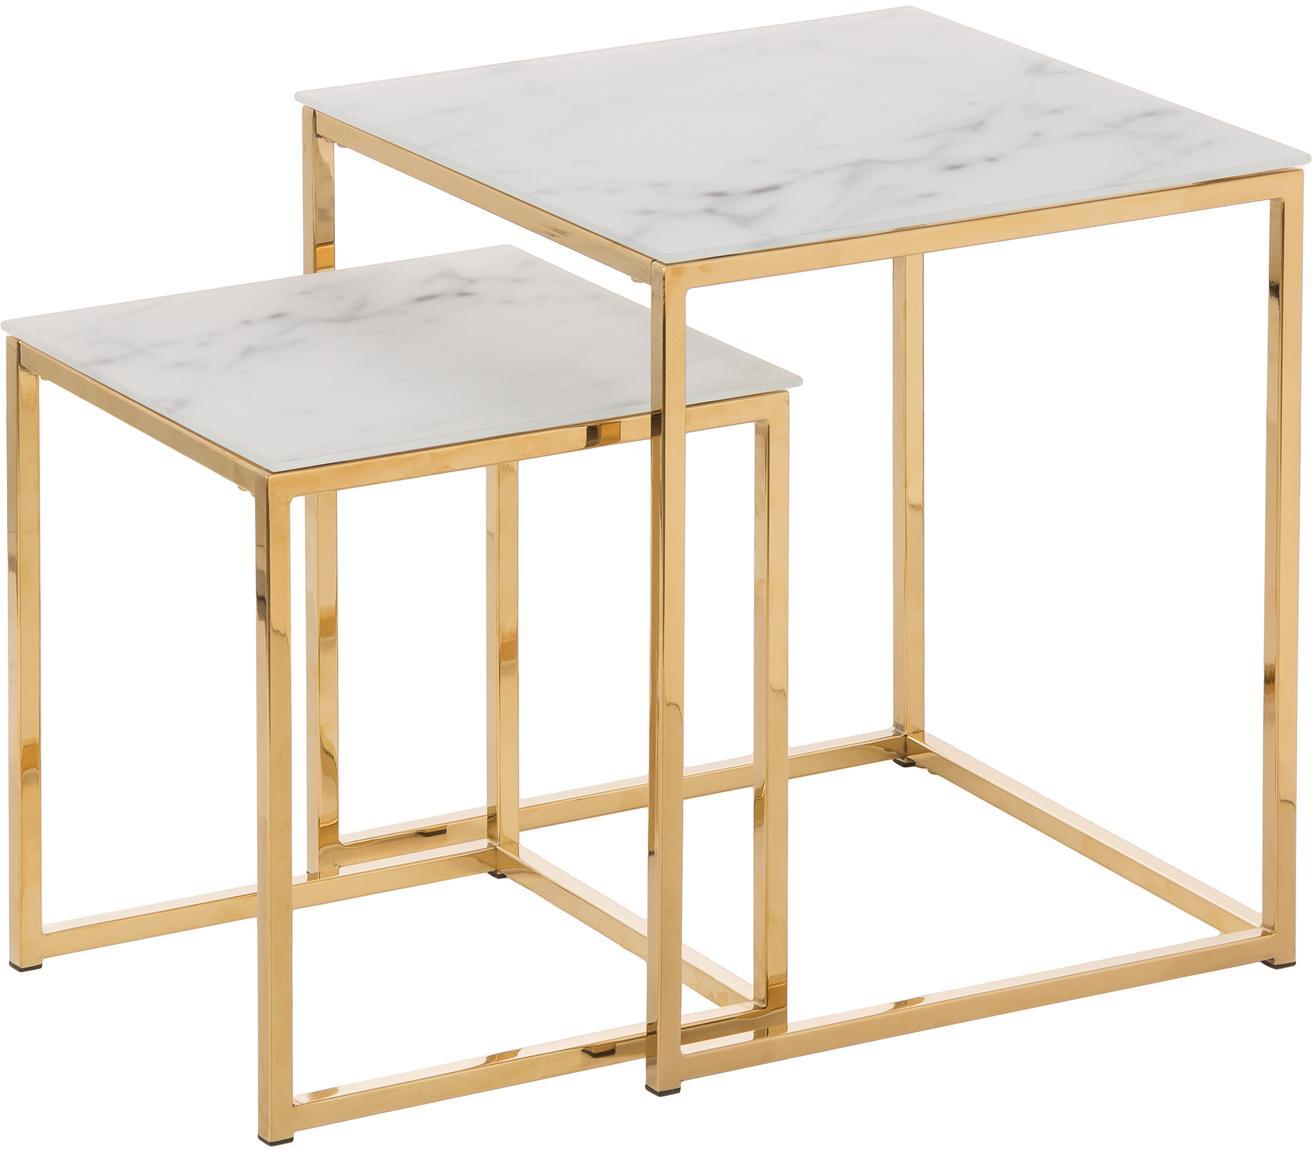 Set de mesas auxiliares Aruba, 2pzas., tablero de cristal en aspecto mármol, Tablero: vidrio estampado en efect, Estructura: metal recubierto, Mármol blanco mate, dorado, Set de diferentes tamaños